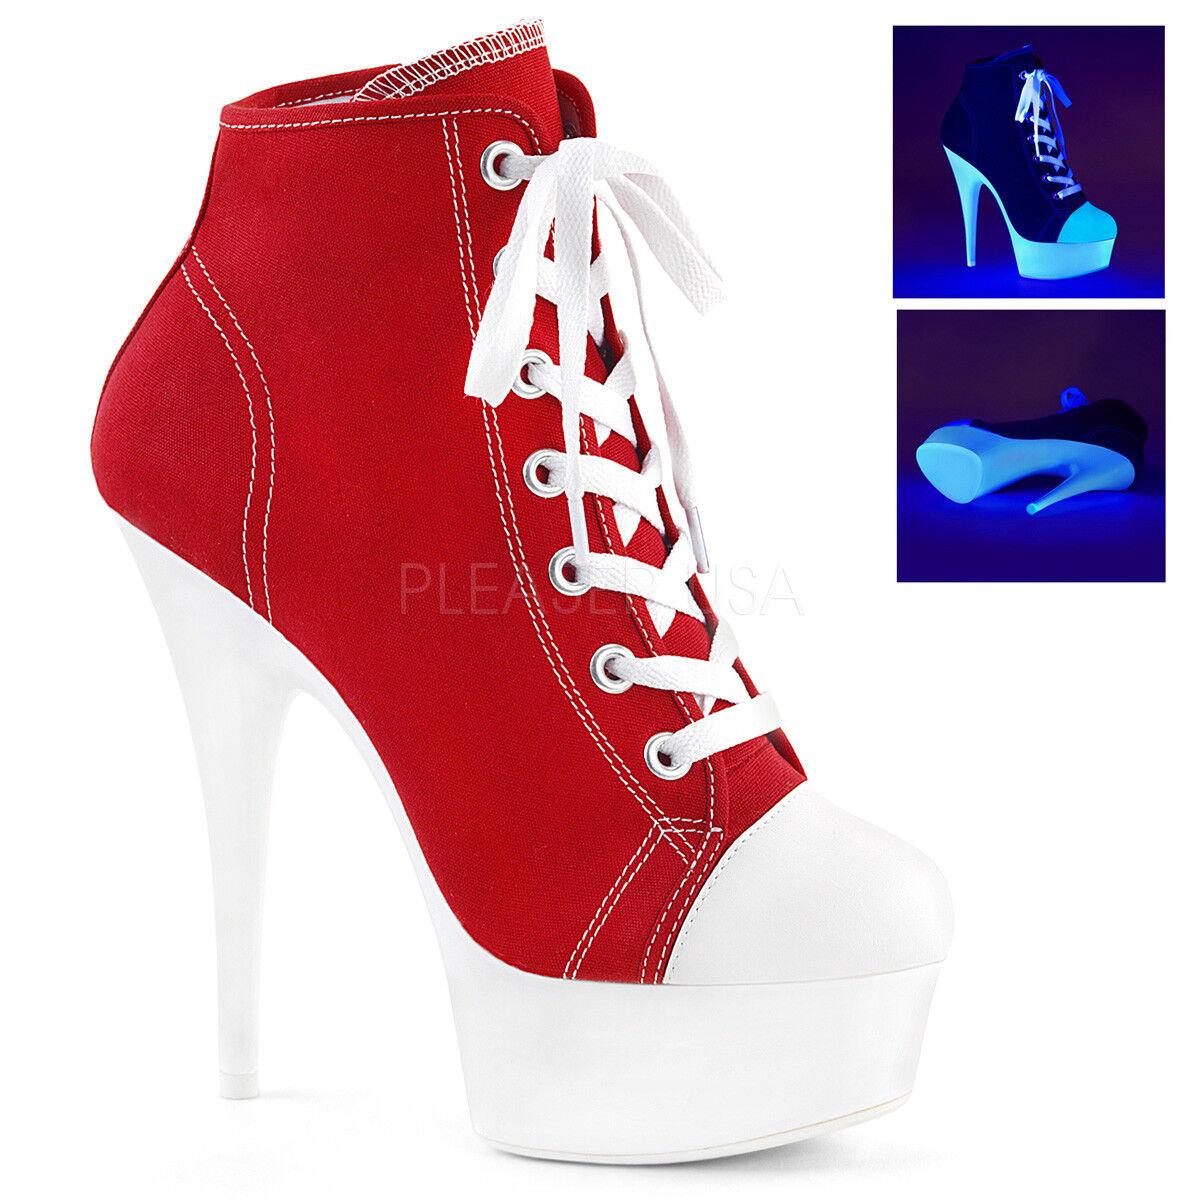 molte concessioni Red bianca Platform scarpe da ginnastica stivali scarpe scarpe scarpe Referee Stripper Pleaser Delight-600sk-02  sport caldi